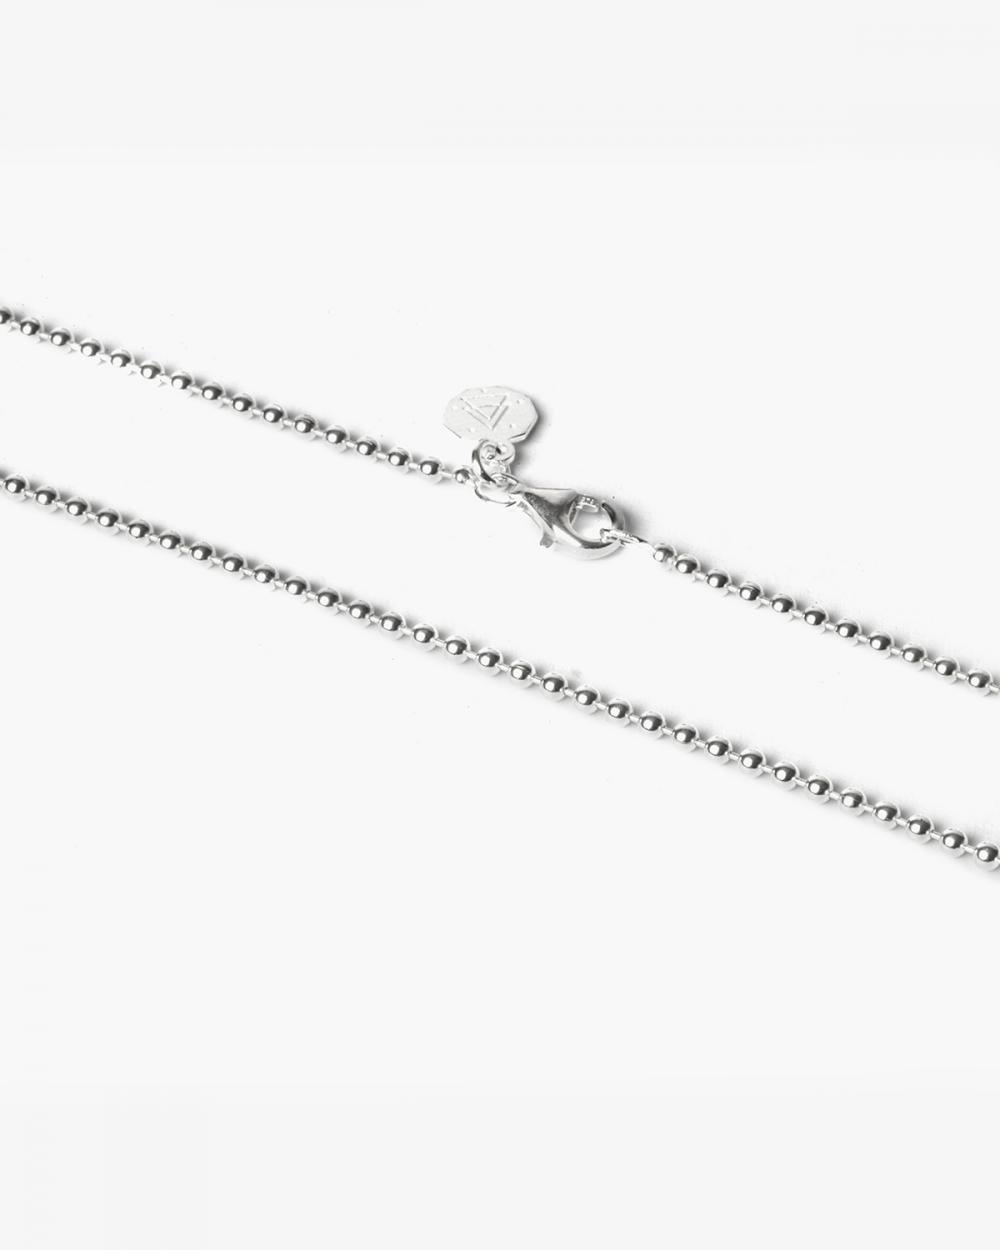 Necklaces BUBBLE CHAIN 200 NECKLACE NOVE25